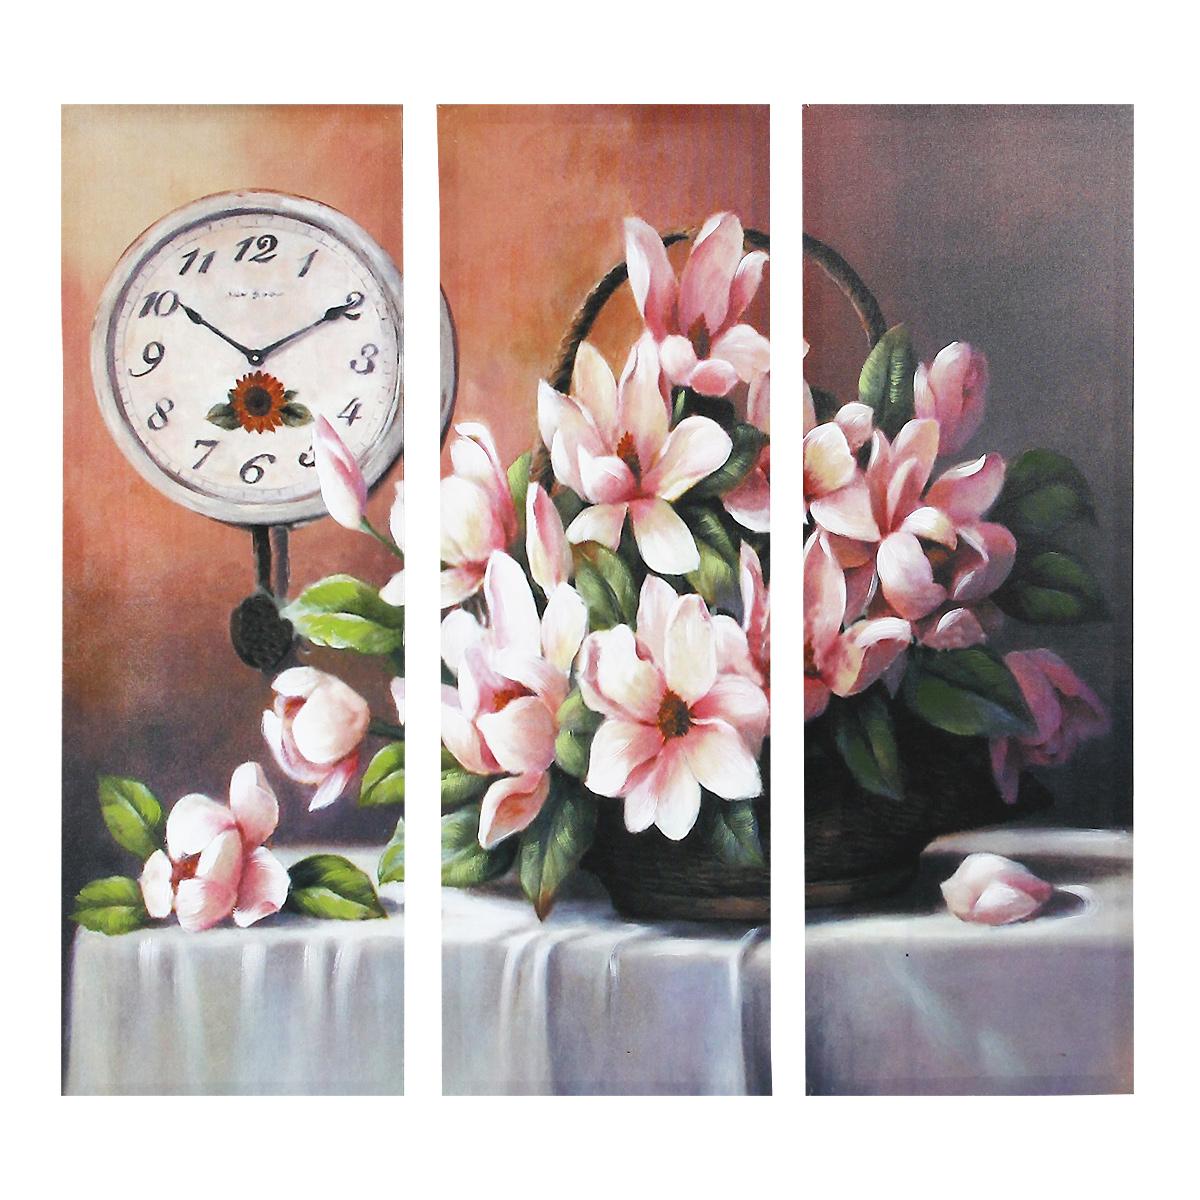 Картина-репродукция без рамки Цветы, 78 х 80 х 2,5 см 3603636036Картина-репродукция без рамки Цветы выполнена из натуральной древесины. Техника выполнения - масляная печать на холсте с ручной подрисовкой. Картина состоит из трех частей с красочным изображением букета цветов. Такая картина - вдохновляющее декоративное решение, привносящее в интерьер нотки творчества и изысканности! Благодаря оригинальному дизайну картина дополнит интерьер любого помещения, а также сможет стать изысканным подарком для ваших друзей и близких.